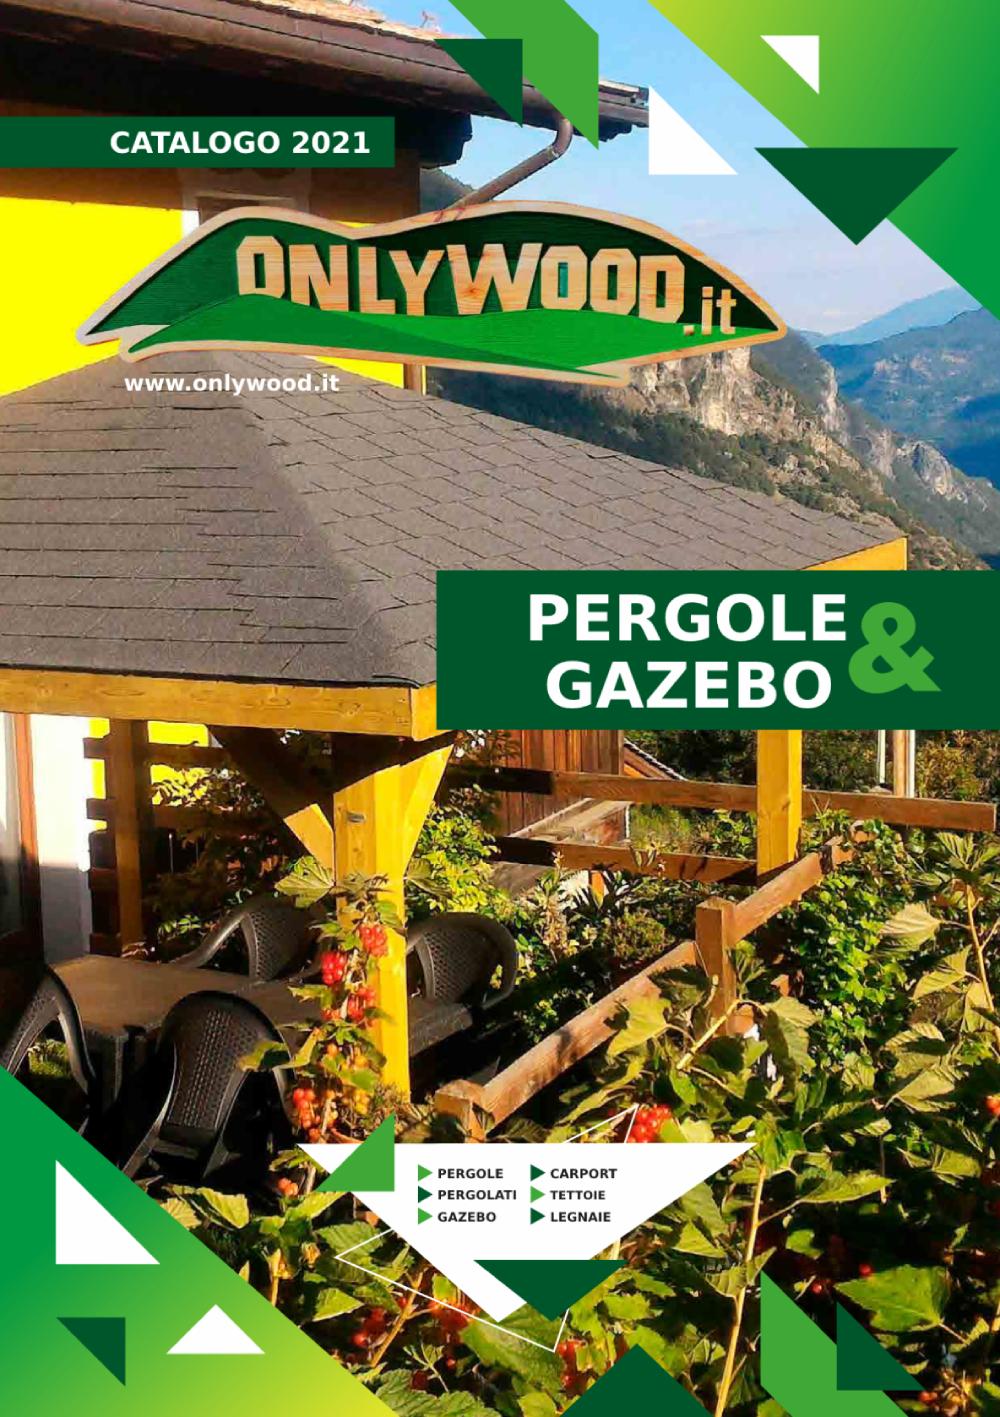 Catalogo Onlywood Pergole e Gazebo